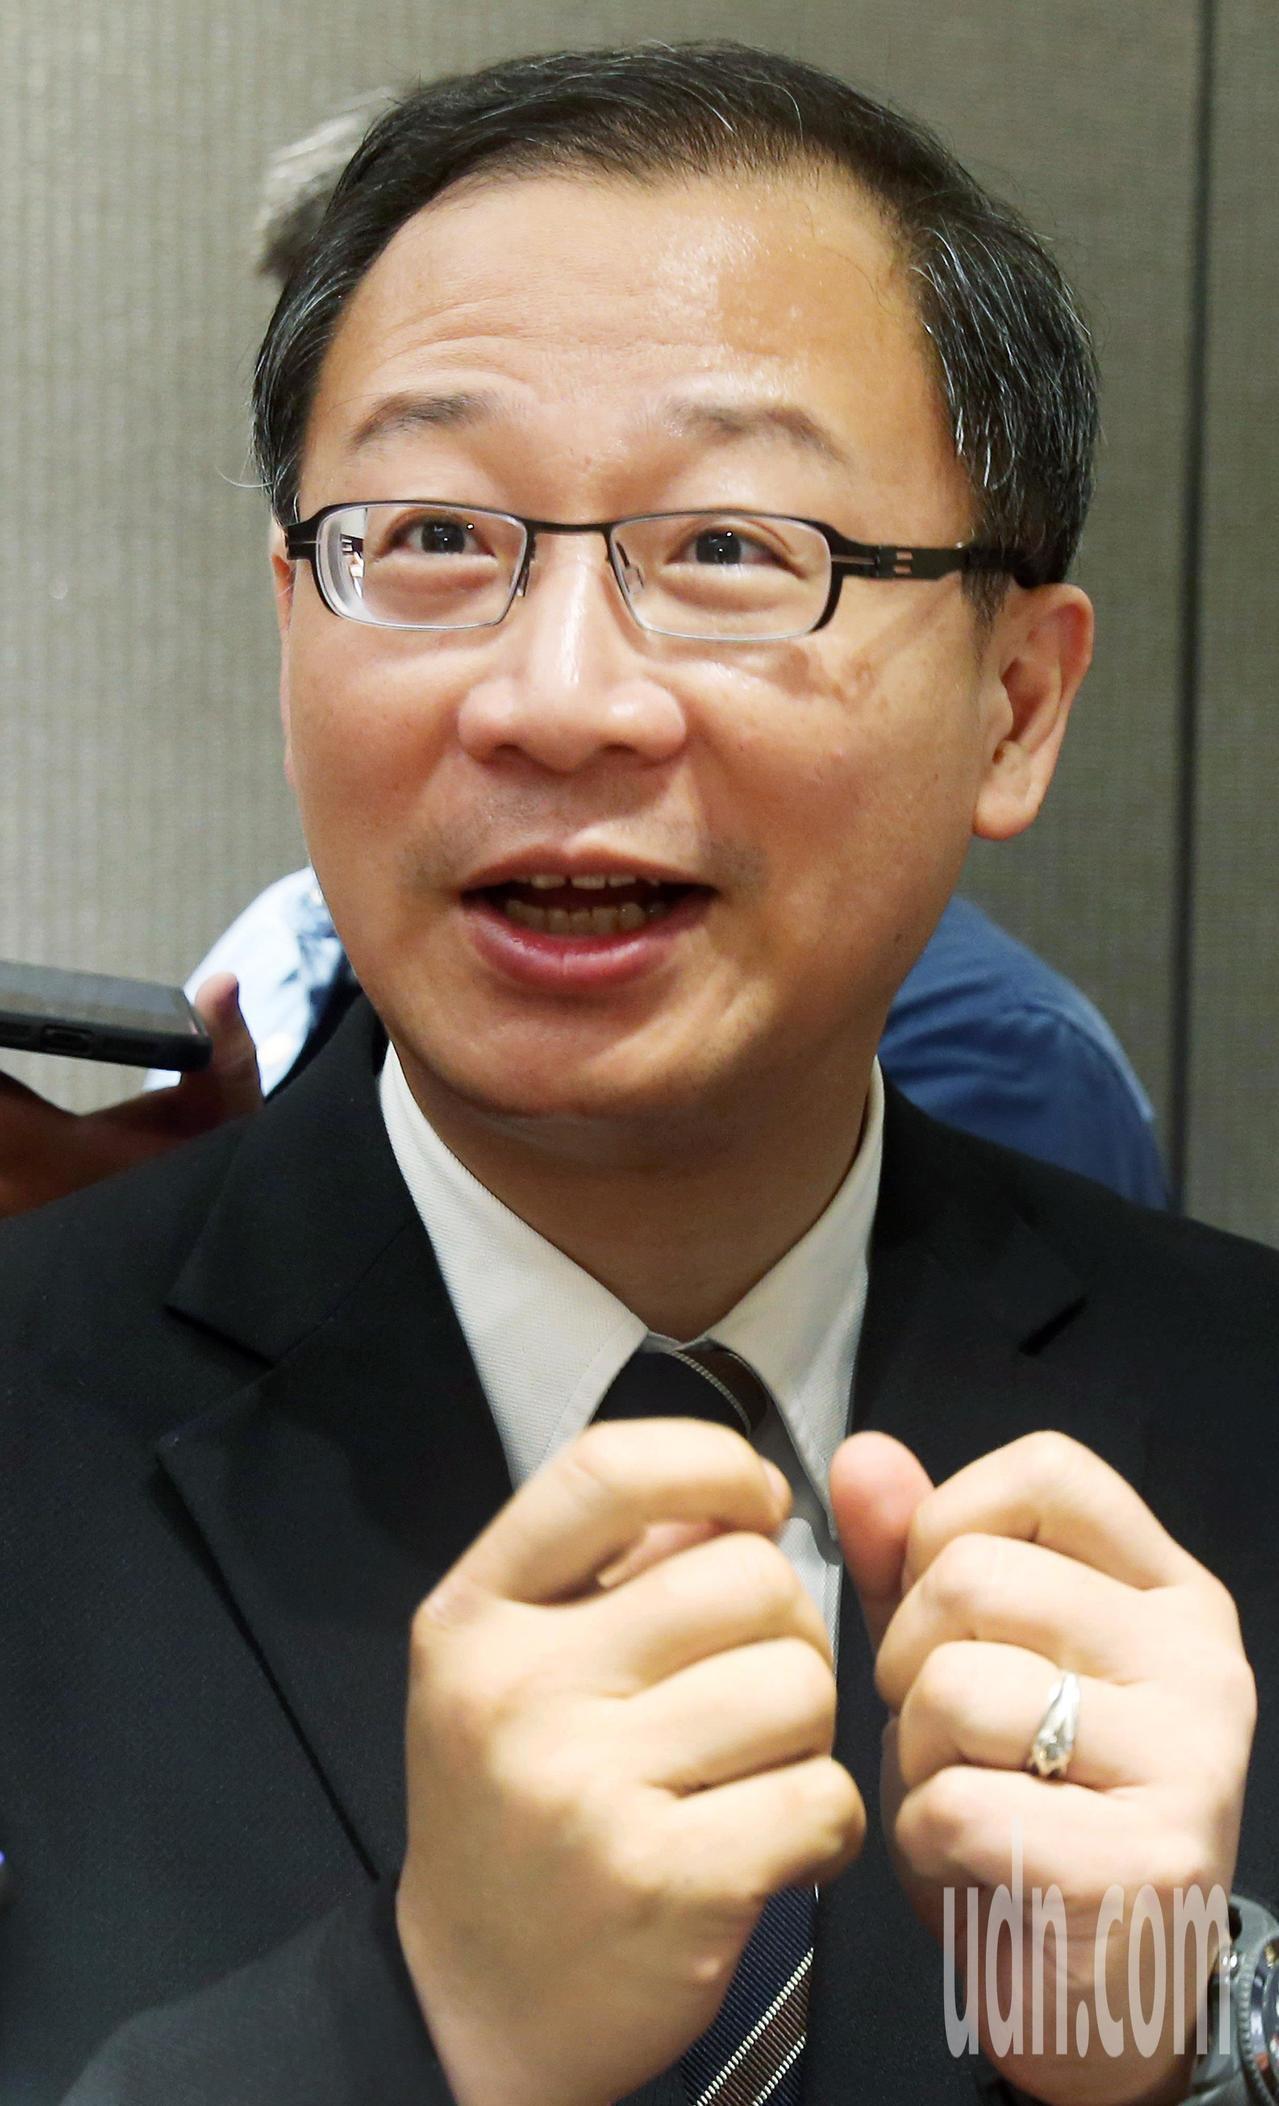 中華職棒會長吳志洋今宣布味全龍加盟案。記者邱德祥/攝影